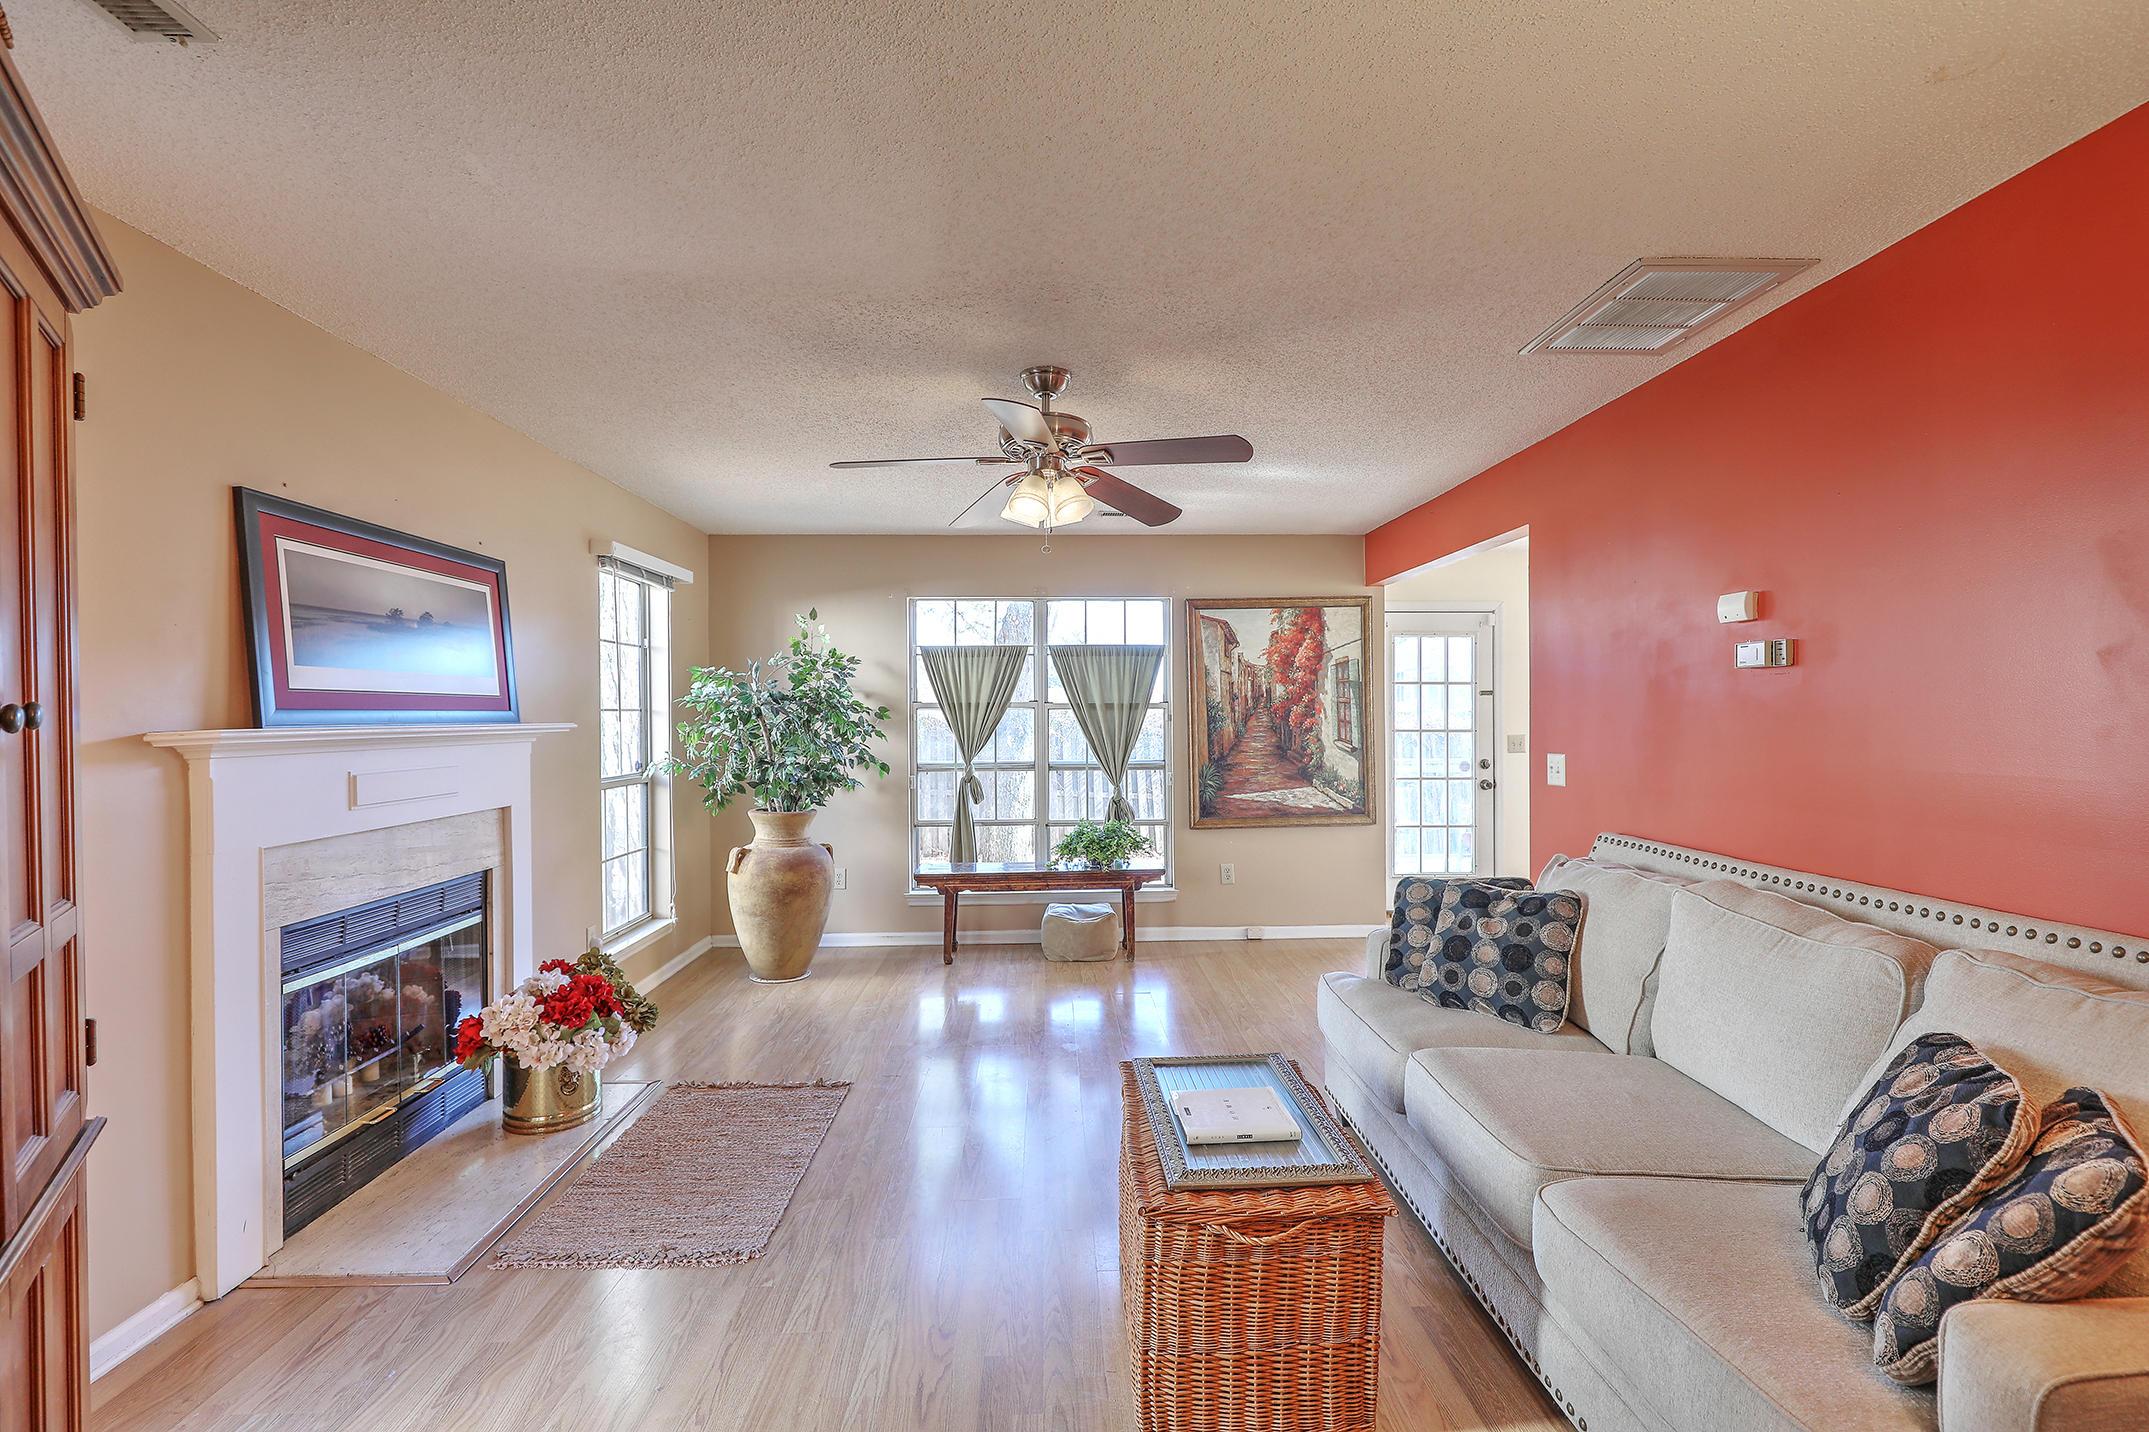 Crichton Parish Homes For Sale - 107 Parish Parc, Summerville, SC - 2